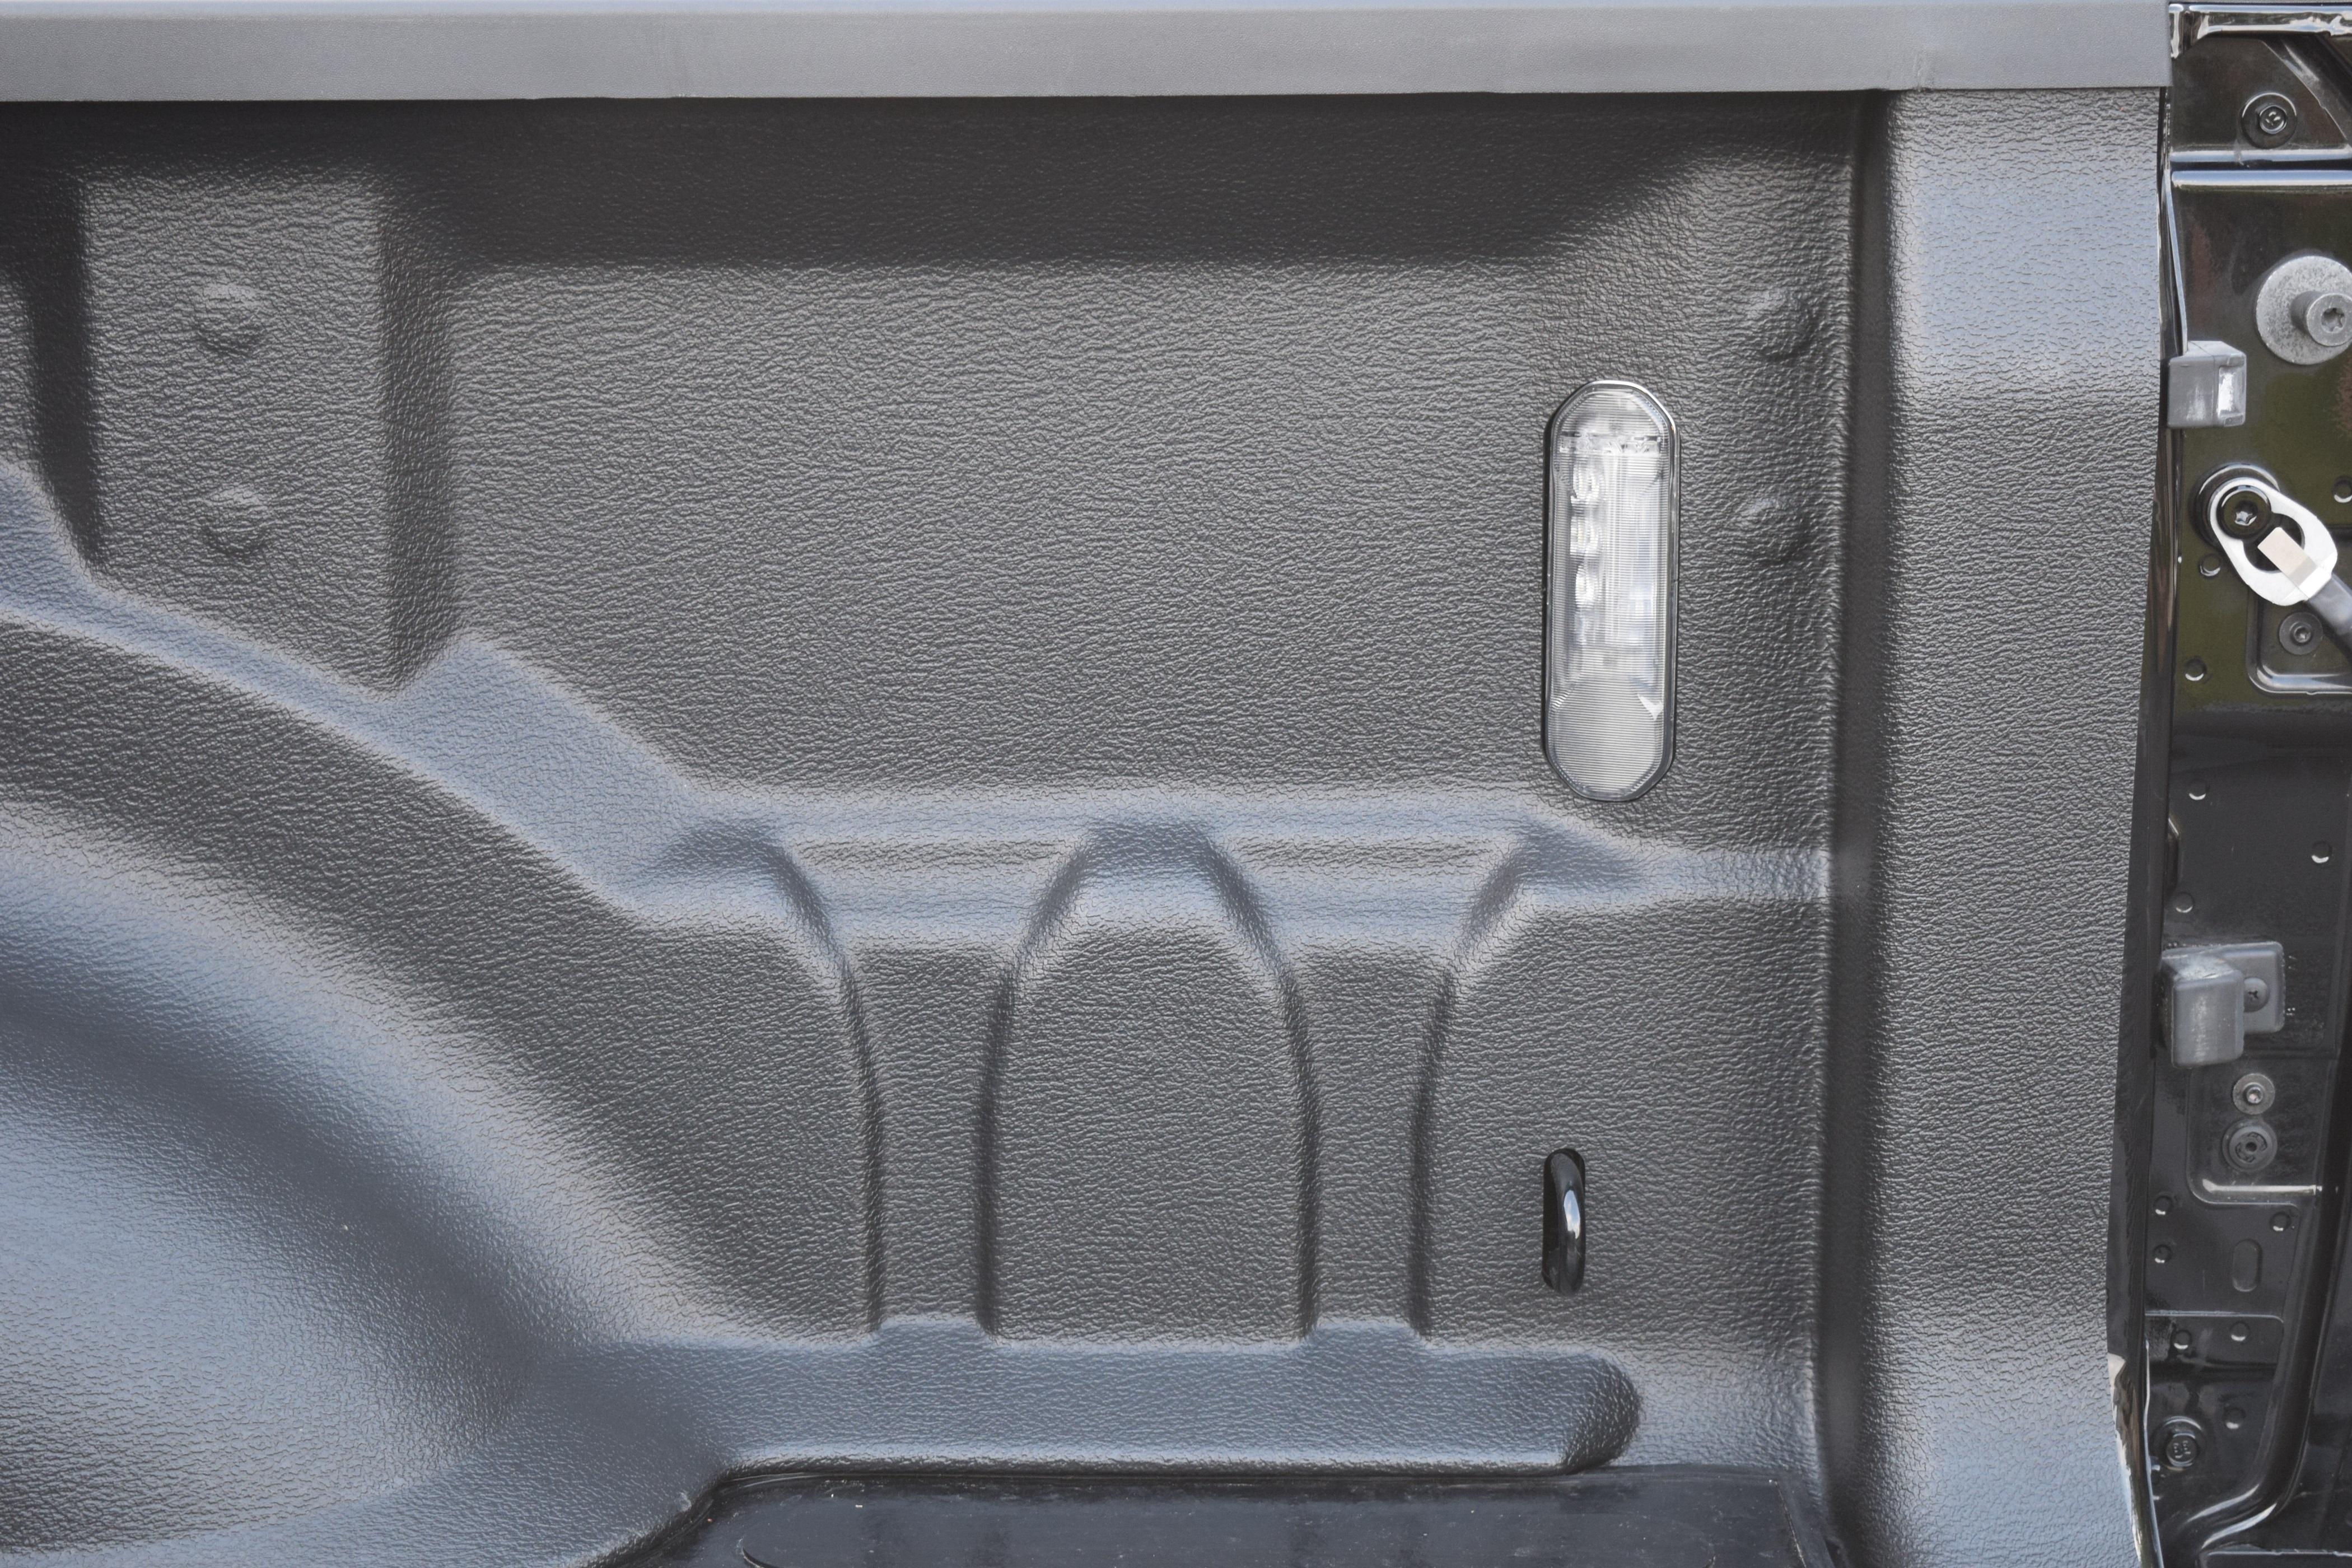 """2019 - 2020 Dodge Ram 1500 Bed Liner - 6' 4"""" Bedliner For Sale"""